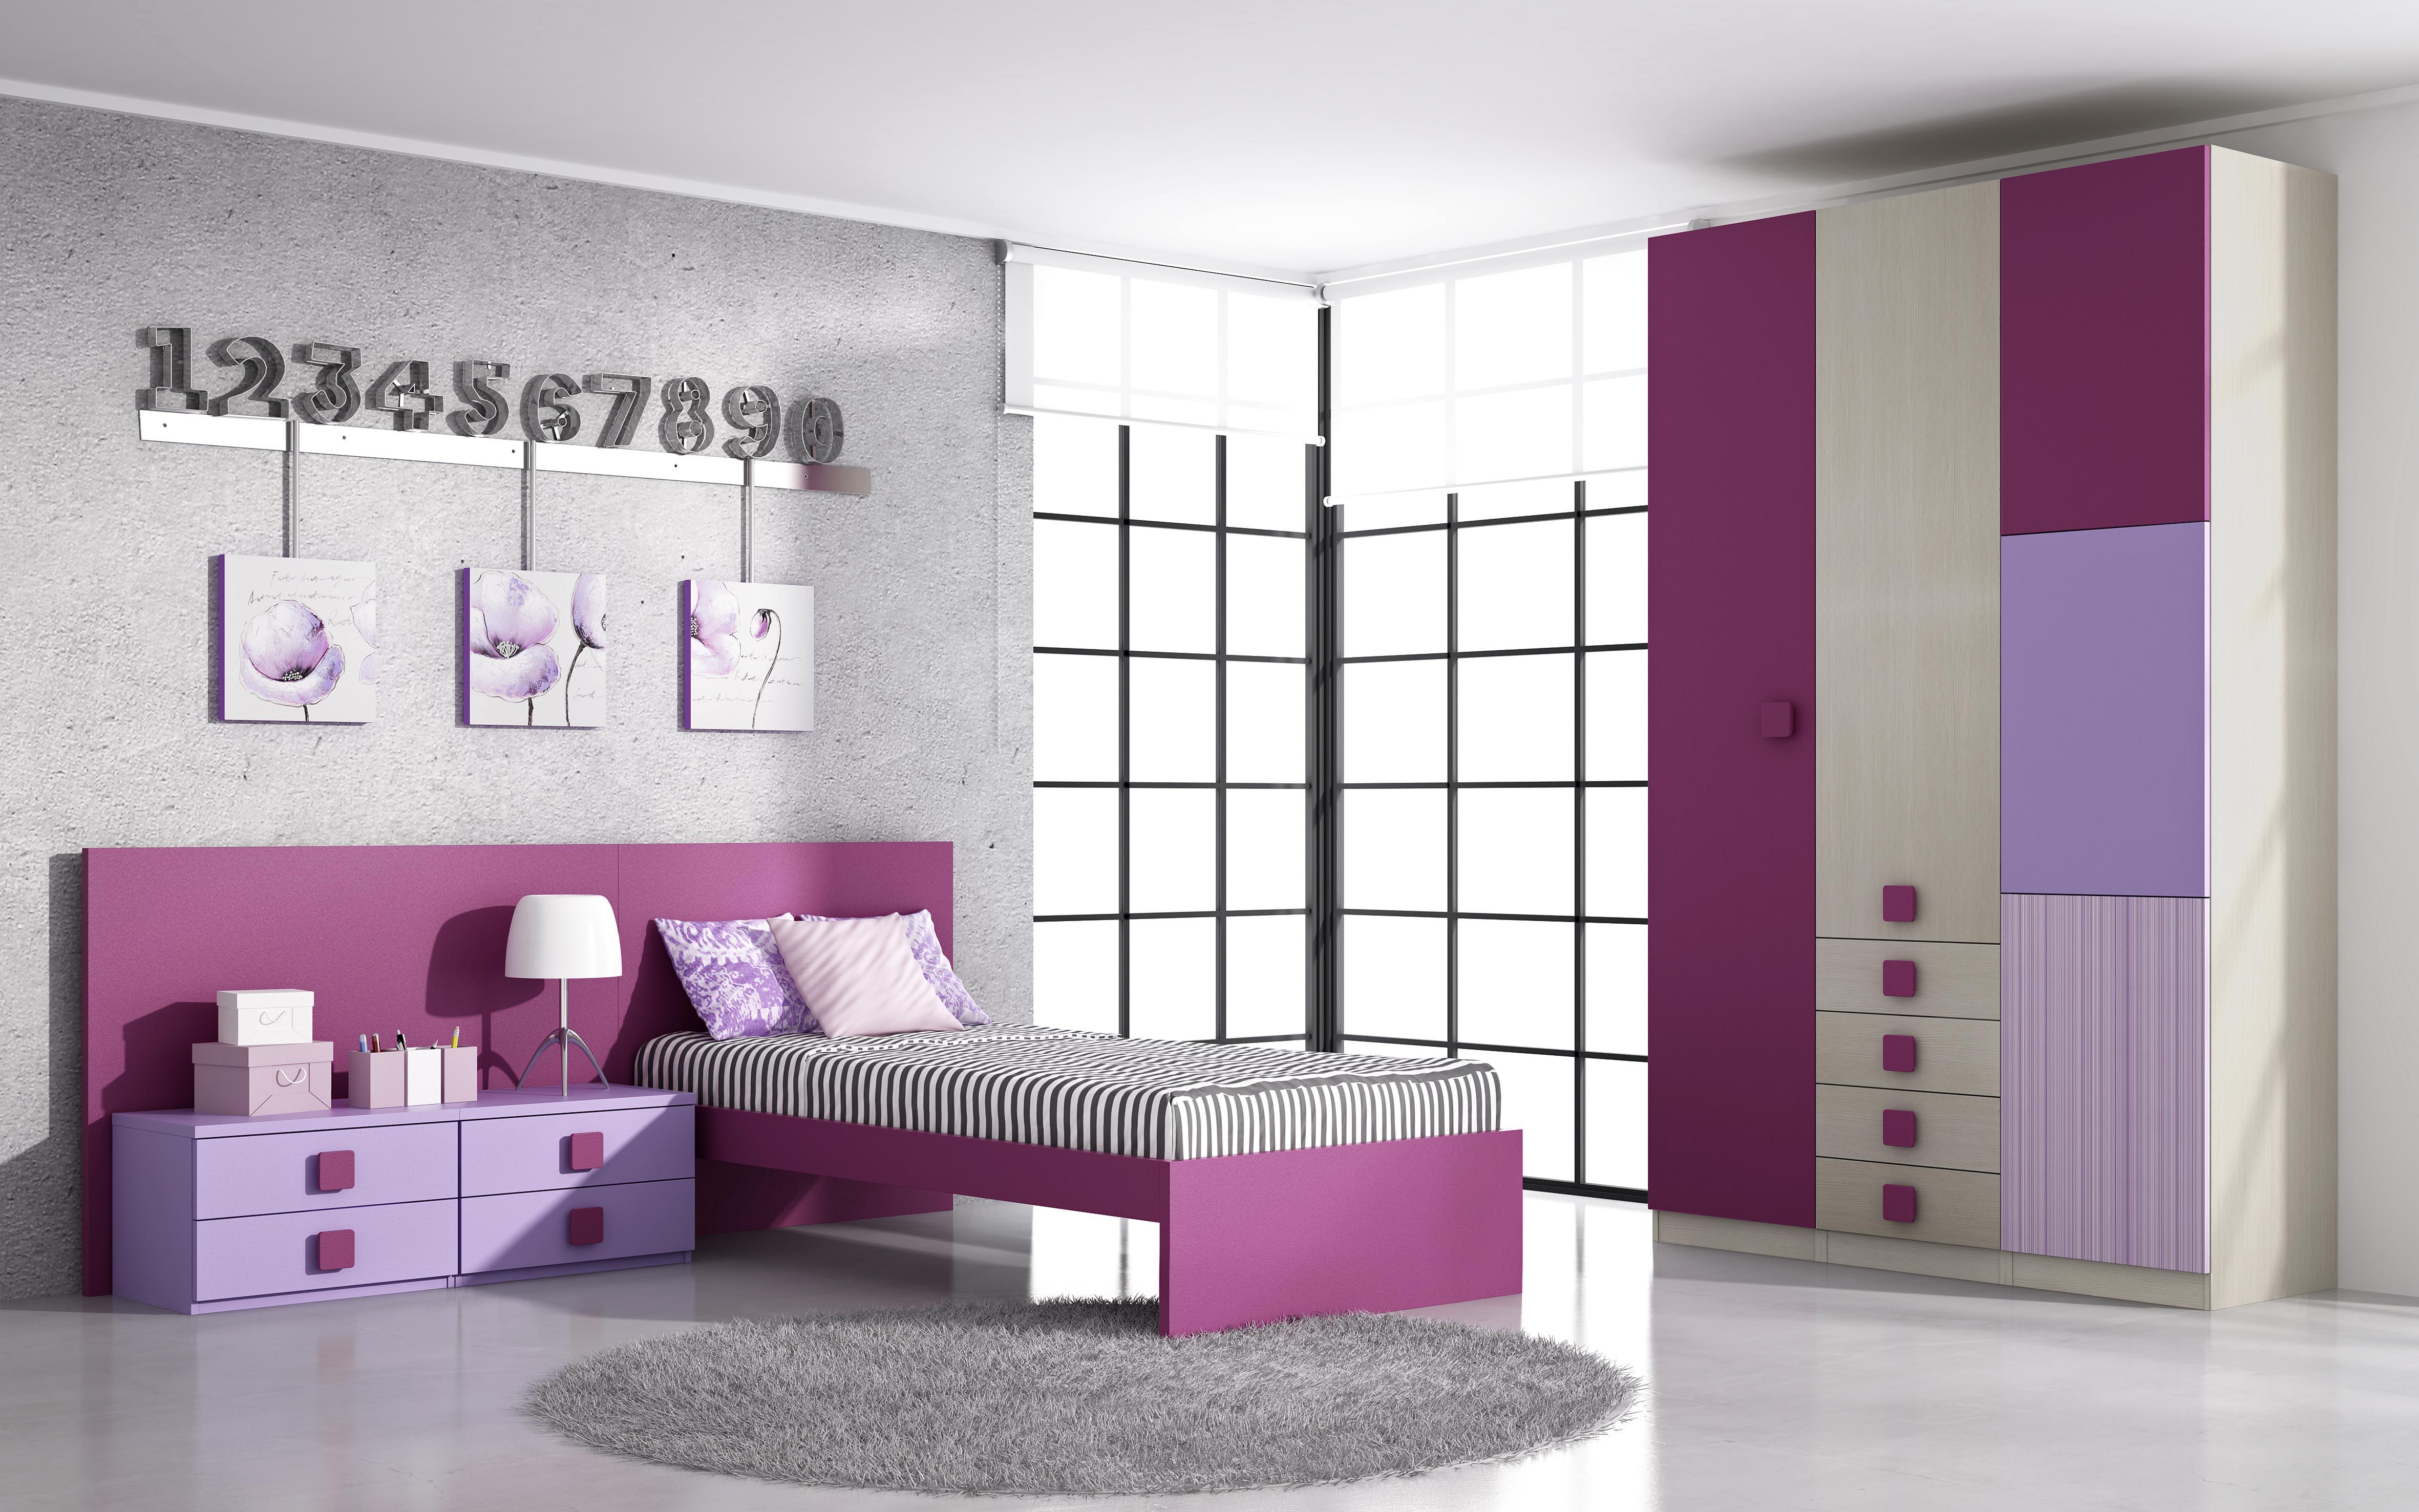 Dormitorios juveniles muebles montanaro - Cama individual juvenil ...